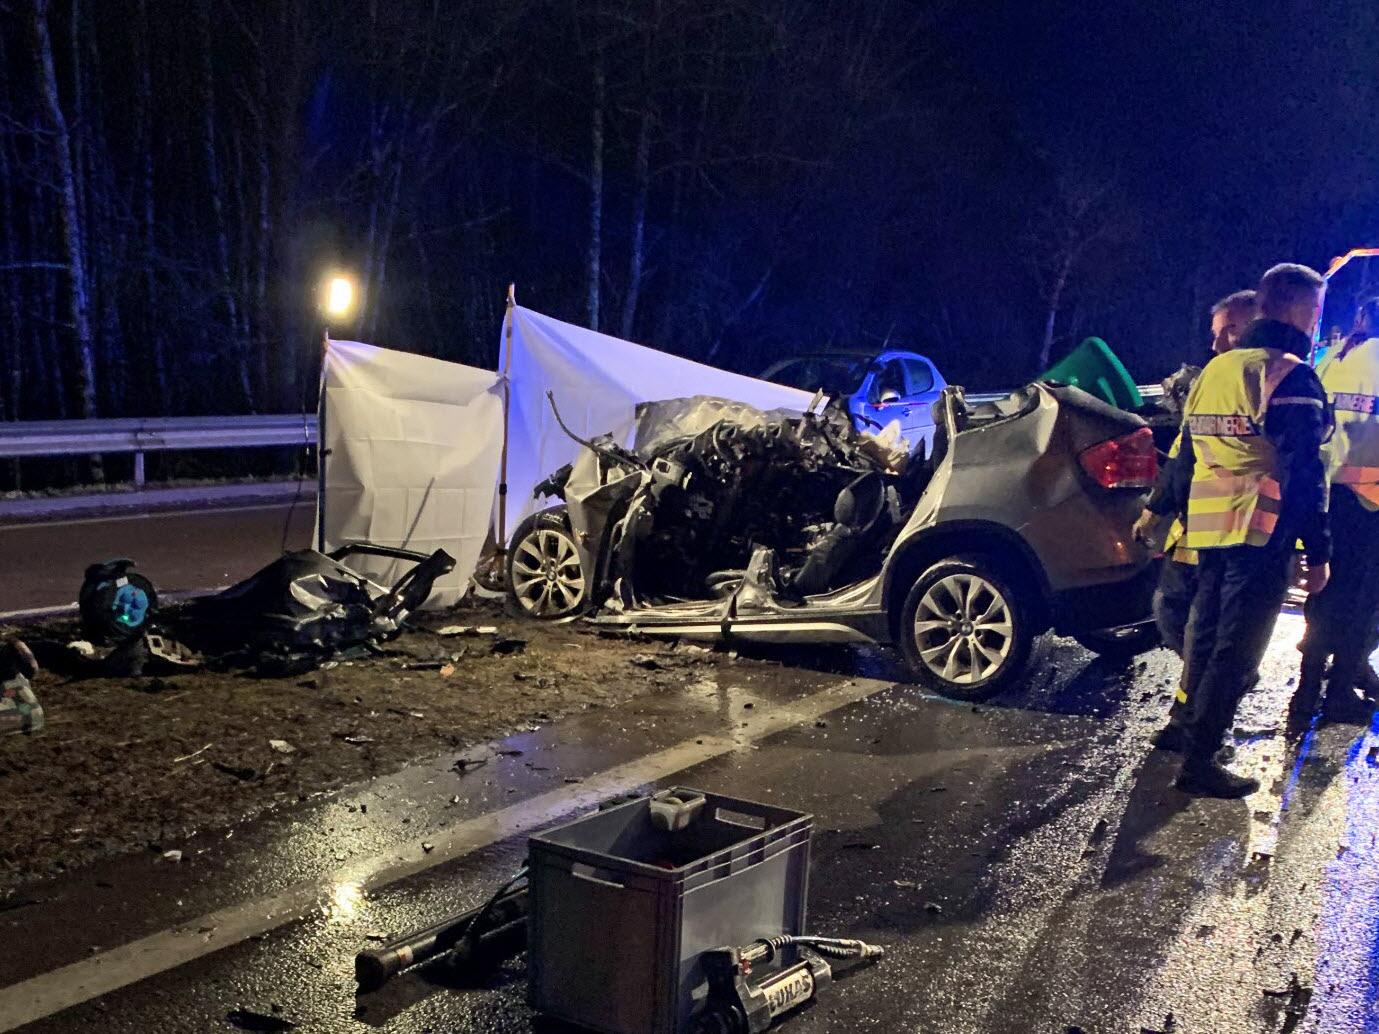 Région Franche-Comté | Accident Mortel Sur La Rn 57 : Une pour Jeux De Accident De Voiture